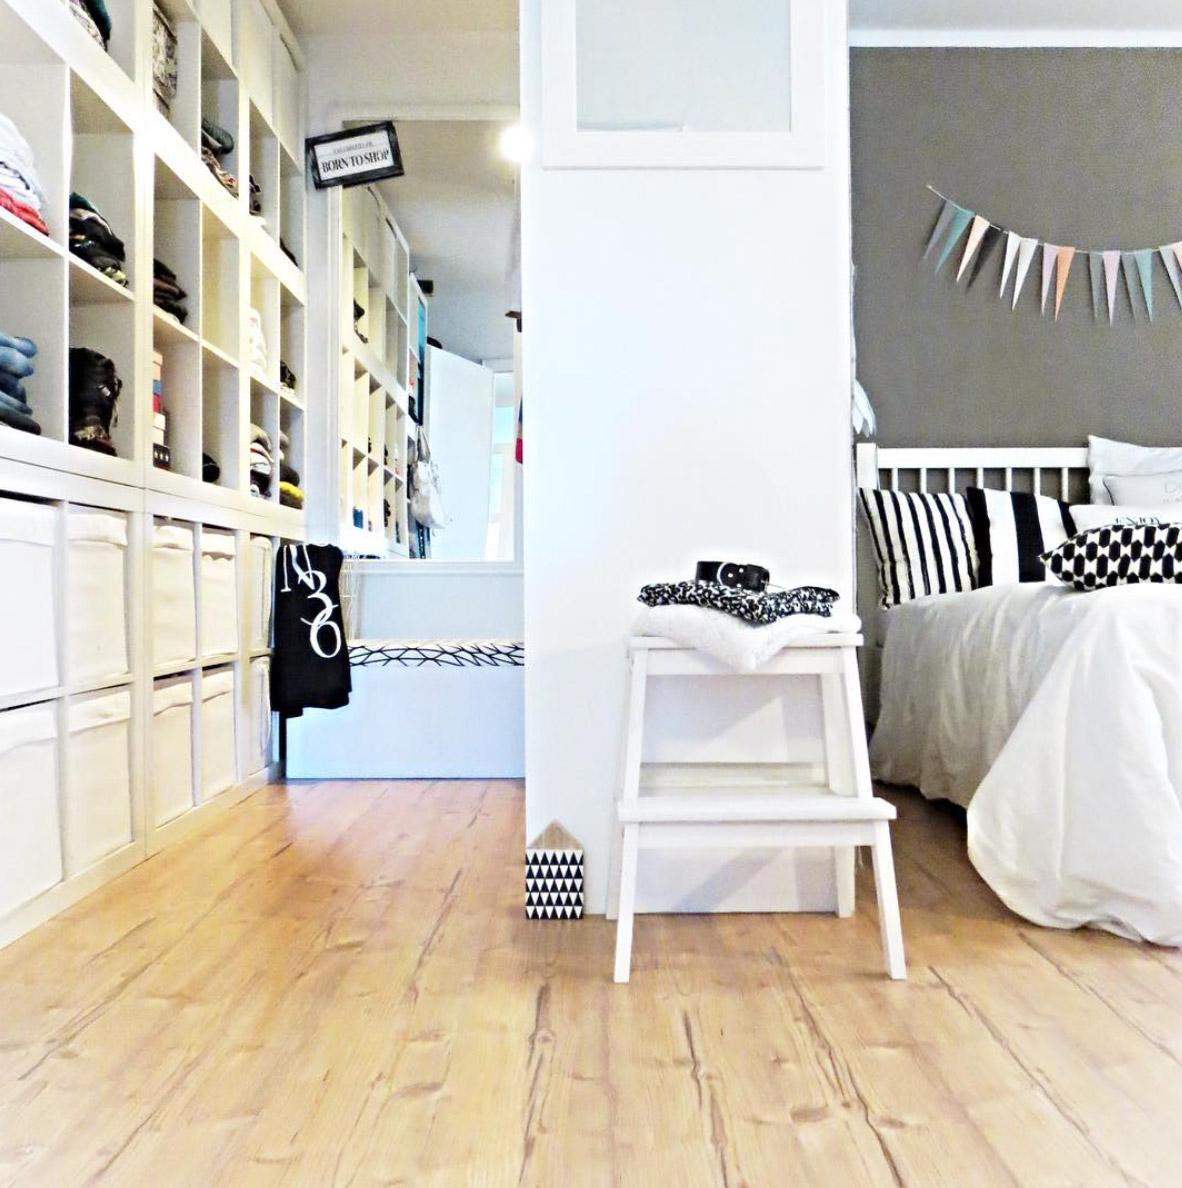 Wohnzimmer Platzsparend Einrichten Der Kompakte Beistelltisch Im